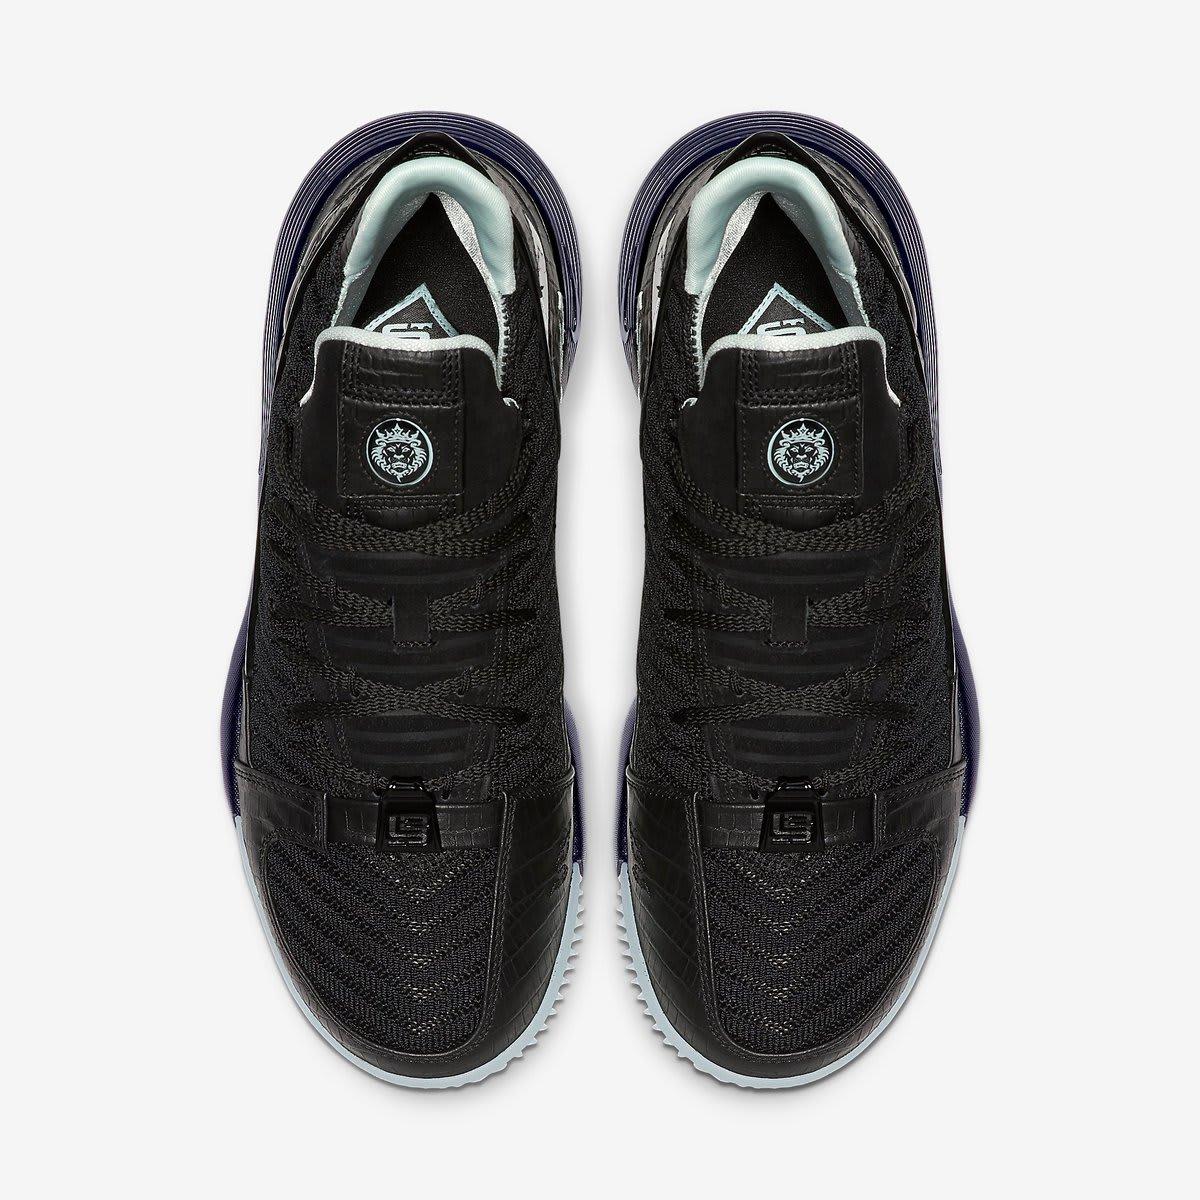 Nike LeBron 16 SB 'Black/Glow' (Top)